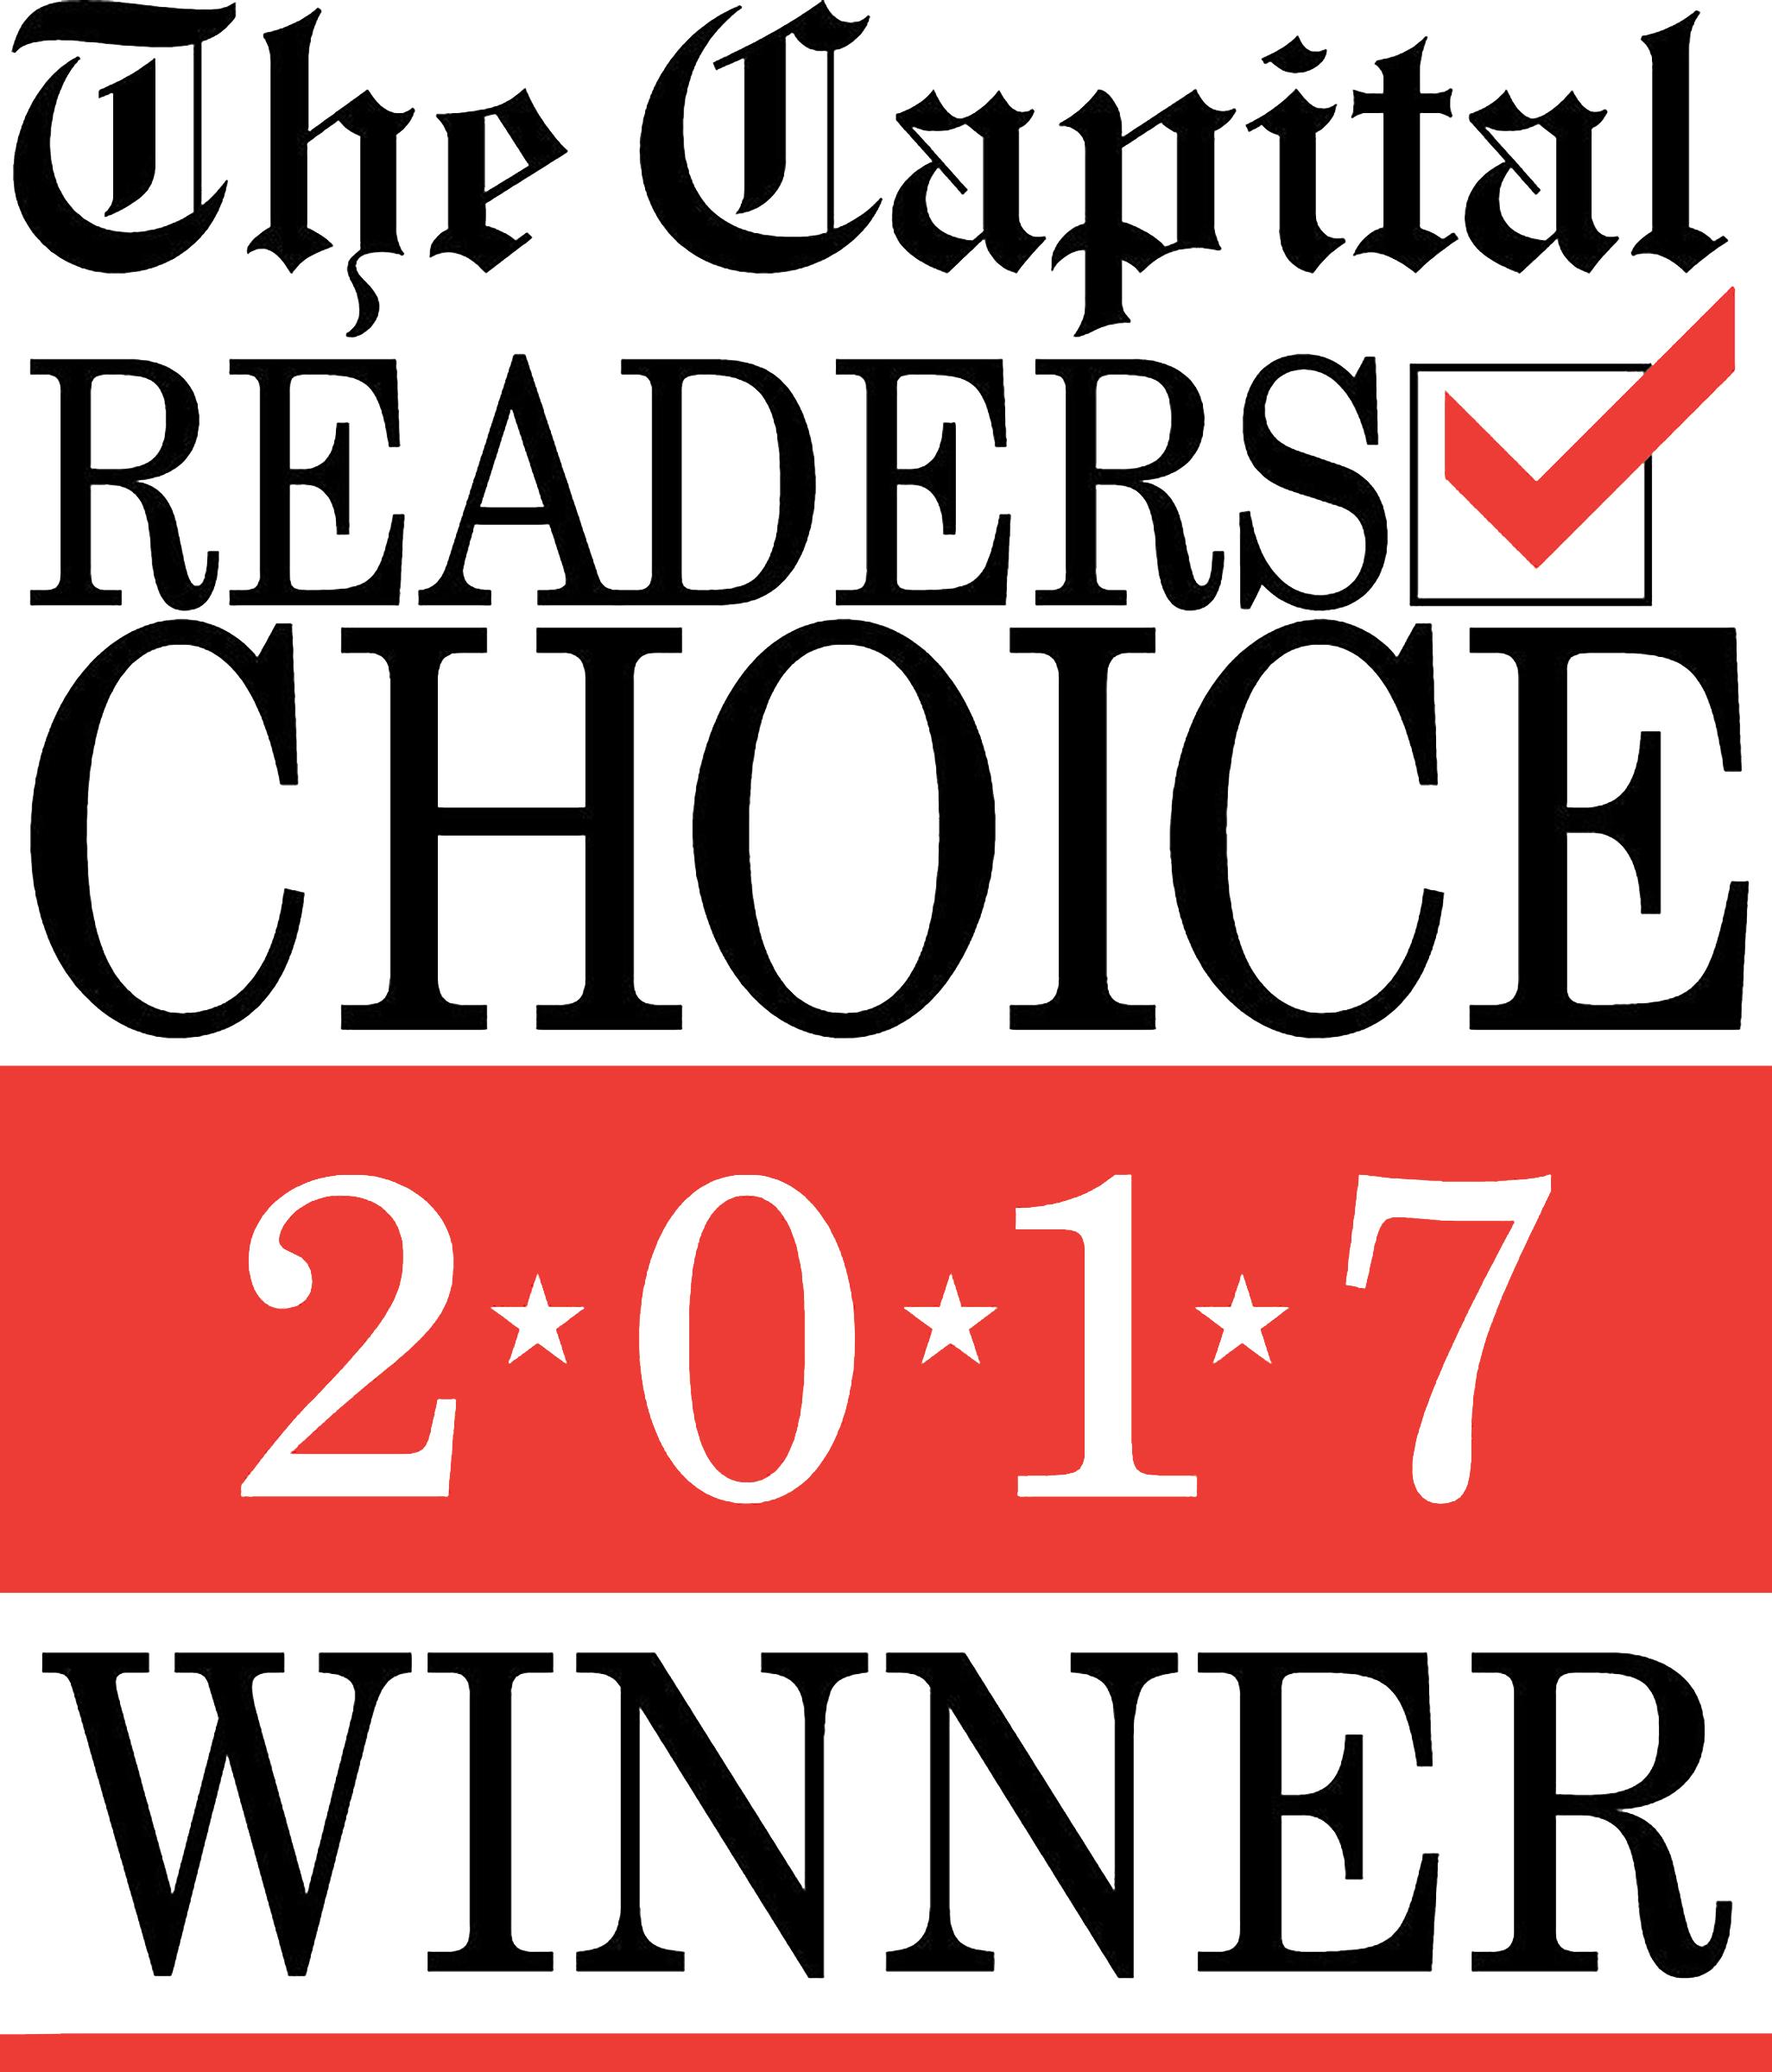 cgnews-readers-choice-winner-2017.jpg